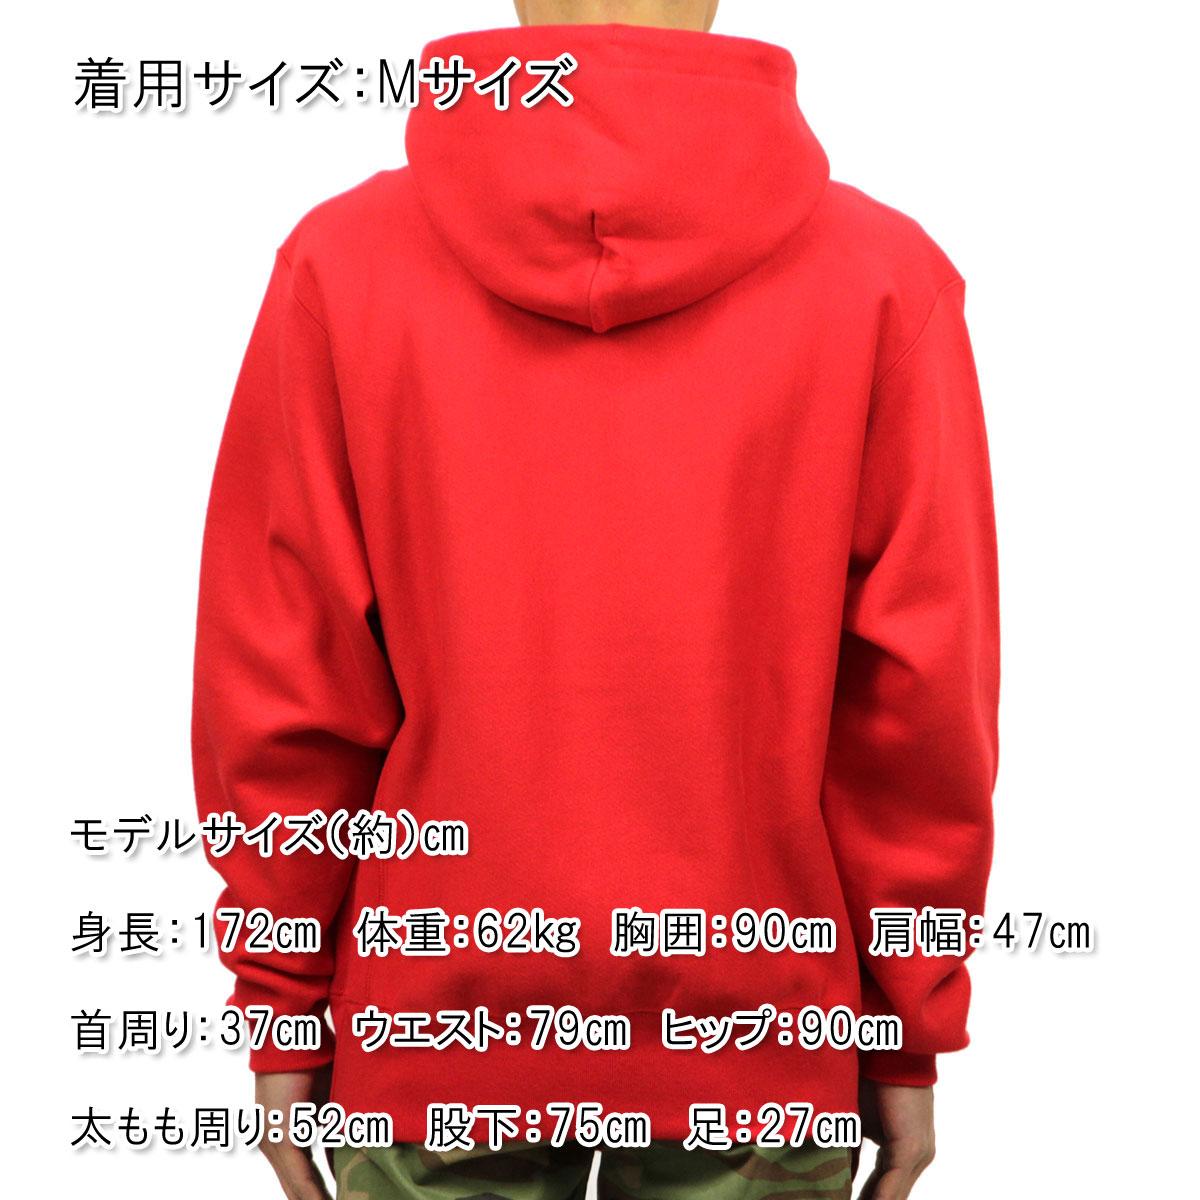 チャンピオン CHAMPION 正規品 メンズ パーカー PULLOVER PARKA S4968P Reverse Weave PO Hood (graphics) W3J-TEAMREDSCARLET #549414 Center CHAMPION script